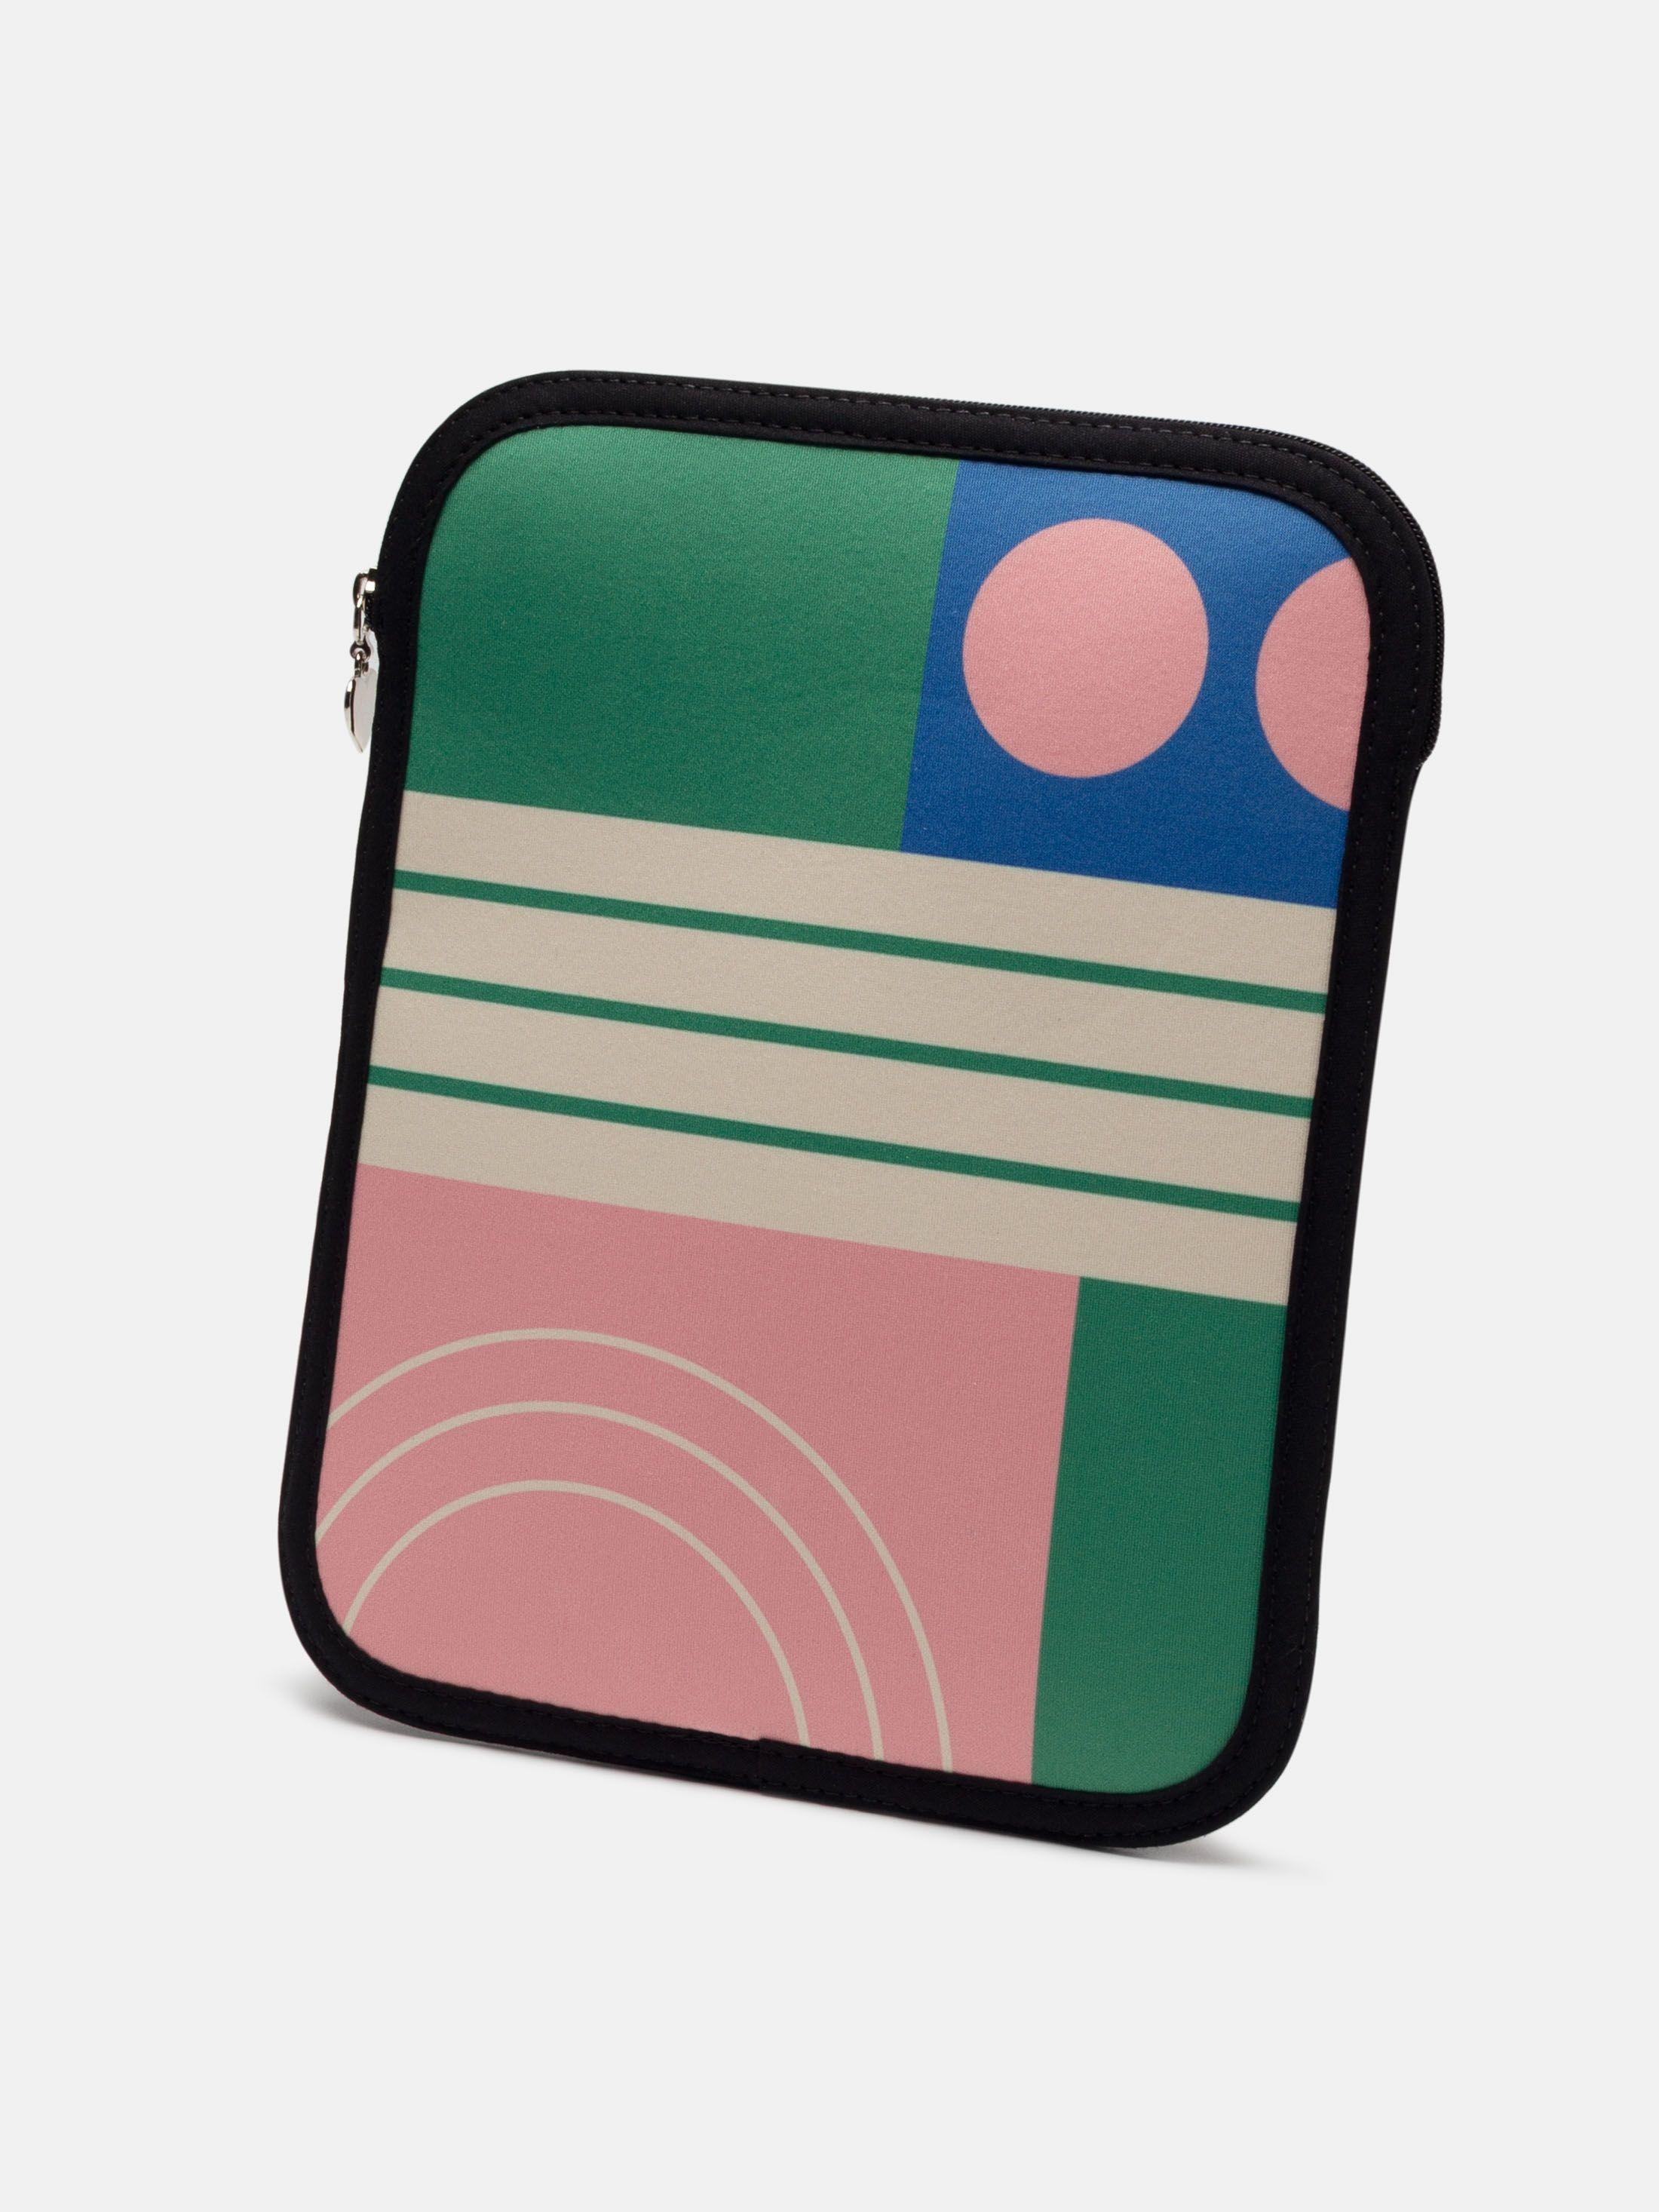 design your ipad cases